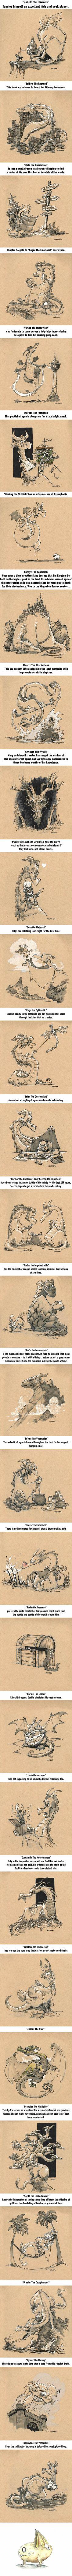 Artiste Brian Kesinger dessiner des dragons pour détruire les stéréotypes à leur sujet